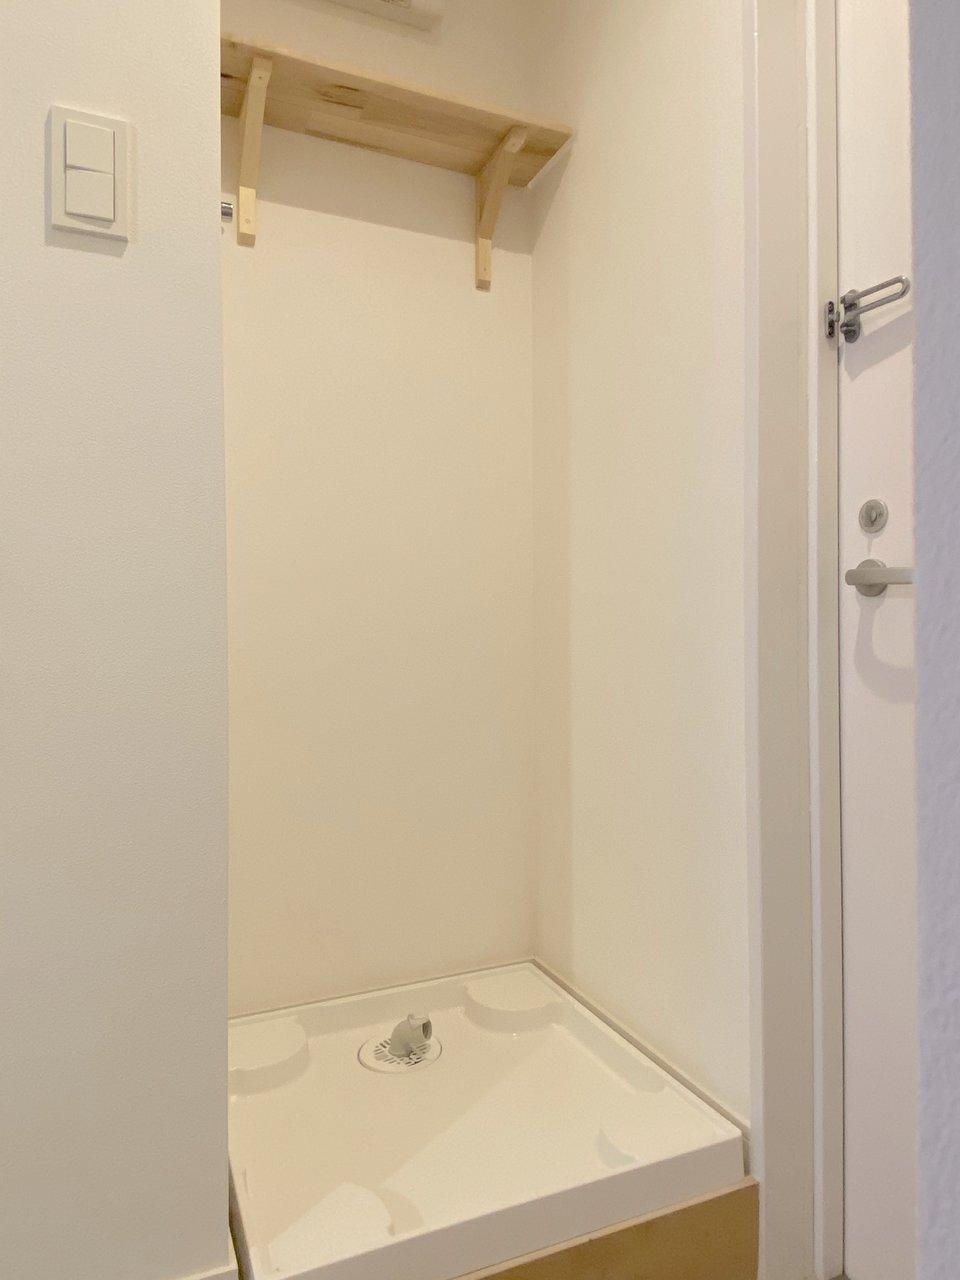 洗濯機置き場の上にも木材が使われています。上に洗剤や洗濯物カバーを置いておけるのは助かりますね。(202号室)